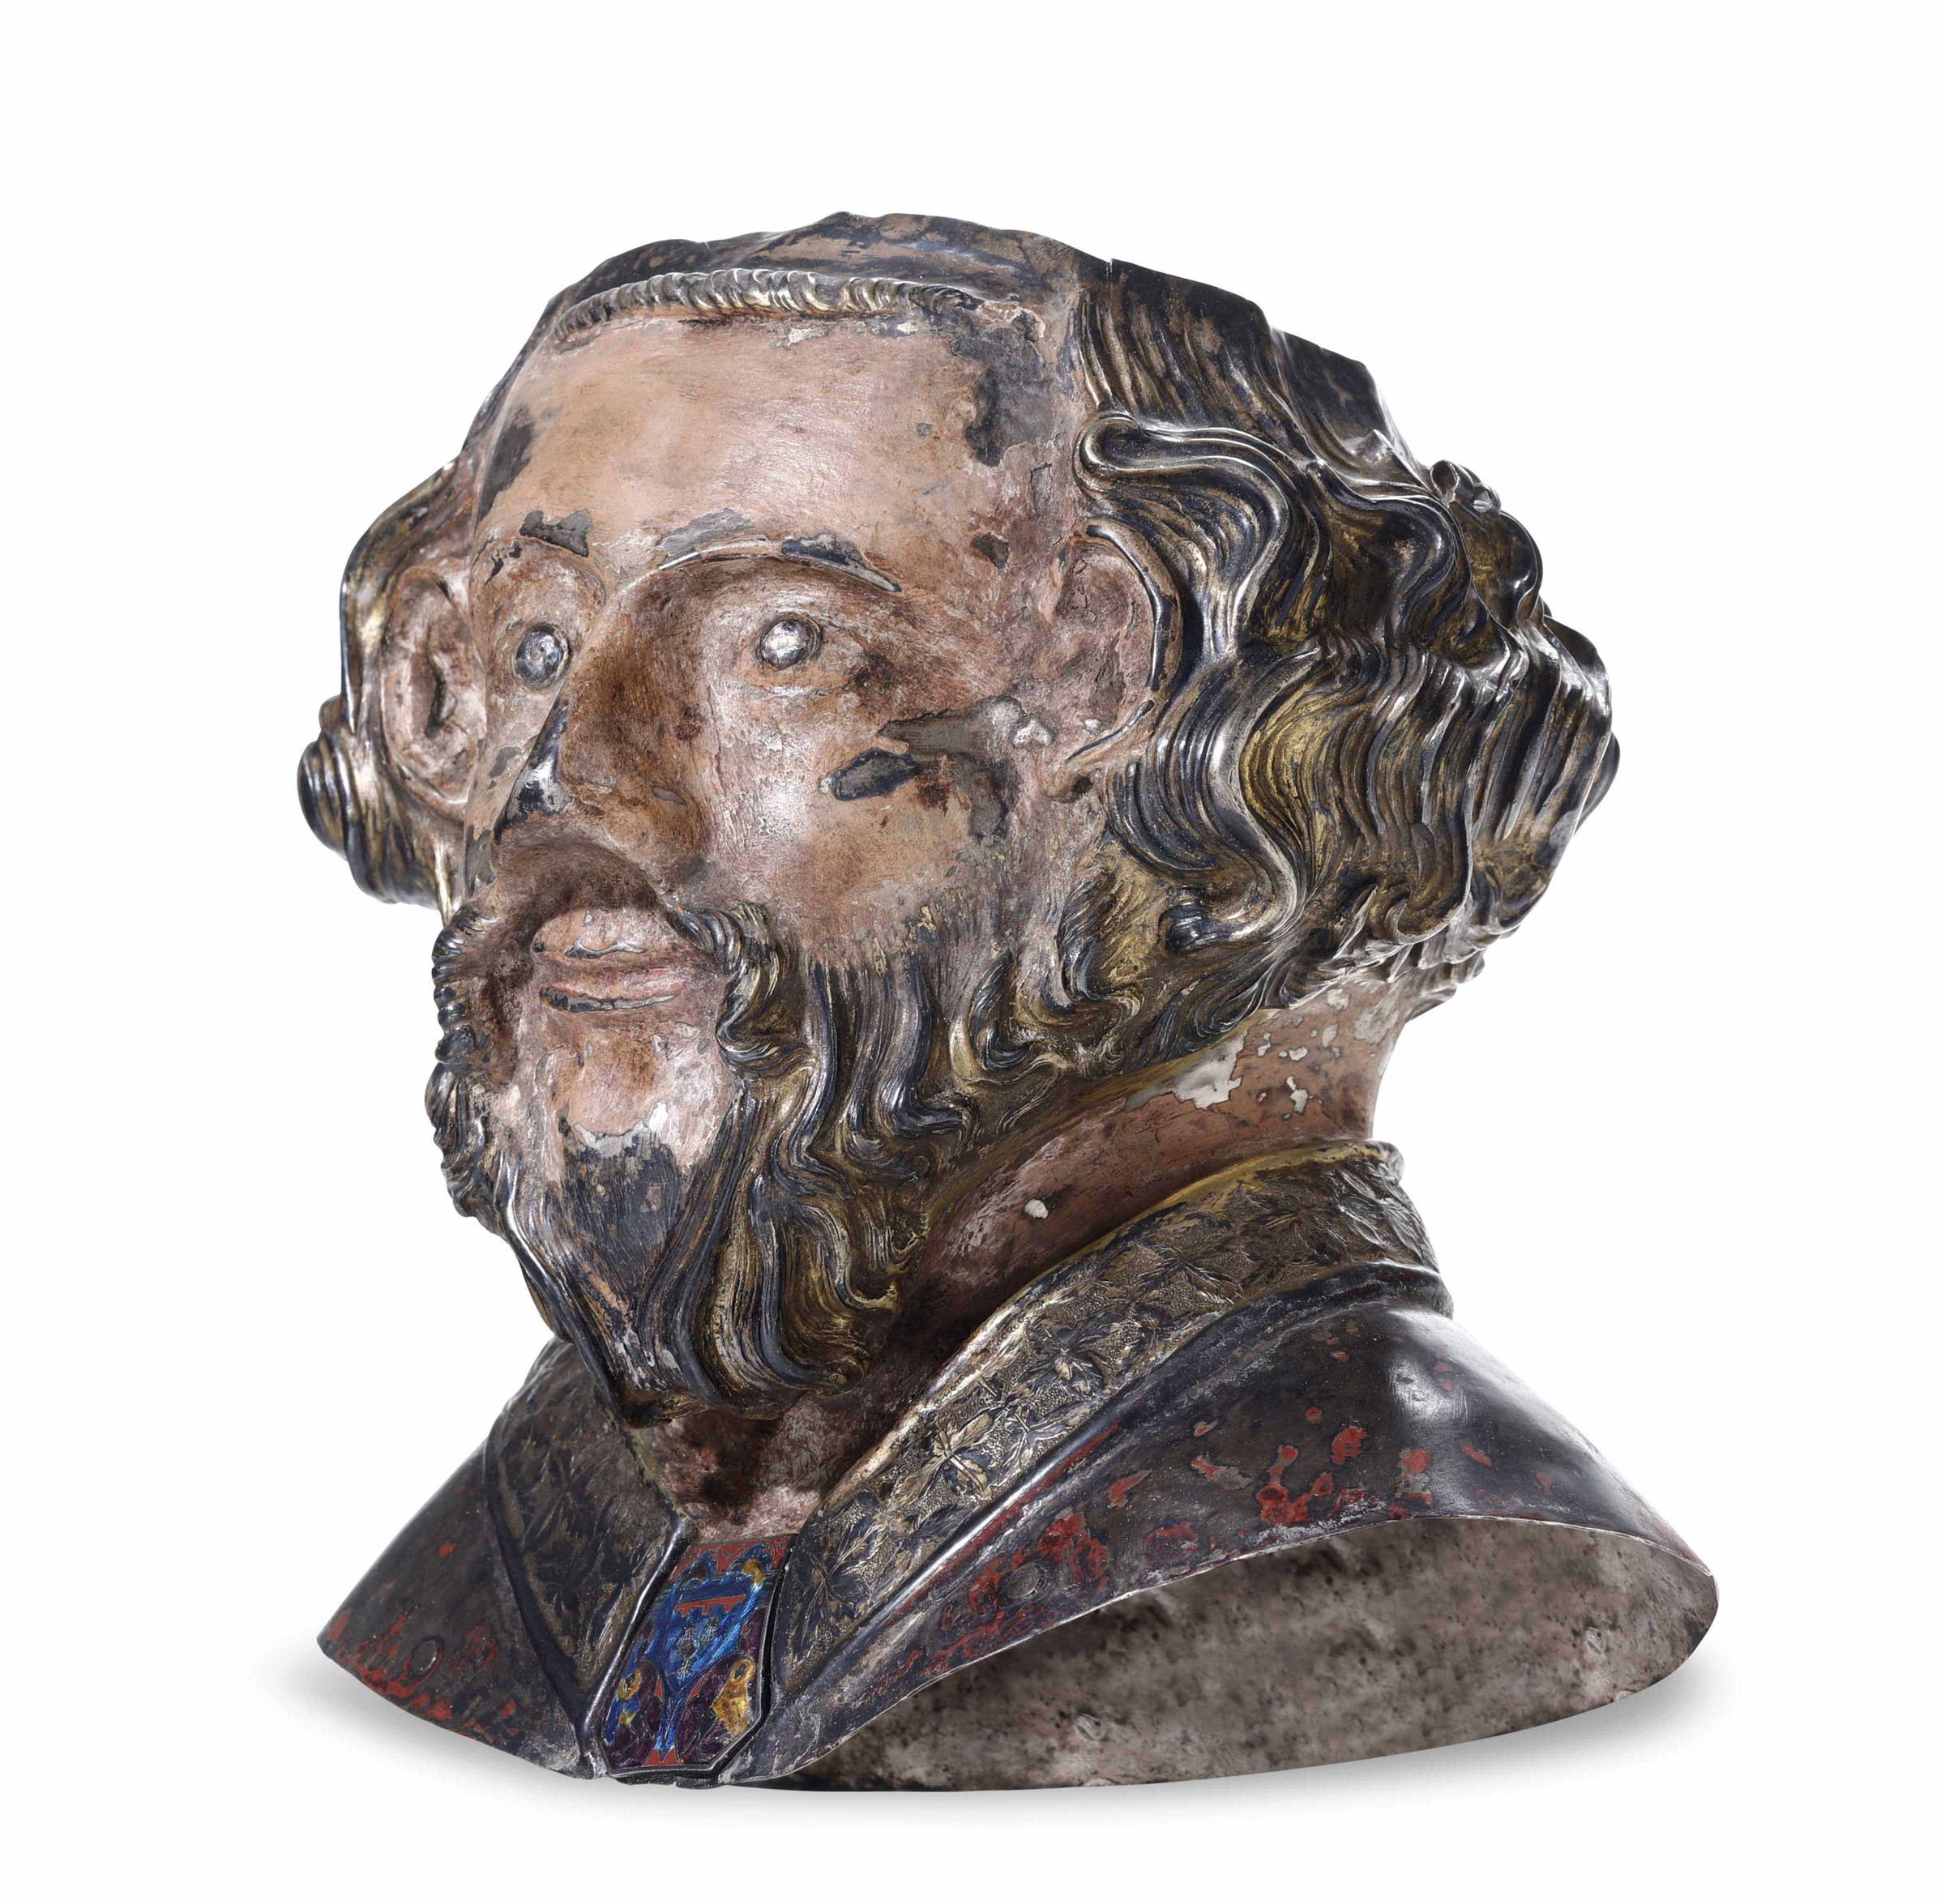 A silver Saint, Catalonia or France, 13-1400s - cm 23x14x24. La rara testimonianza di [...] - Image 2 of 2